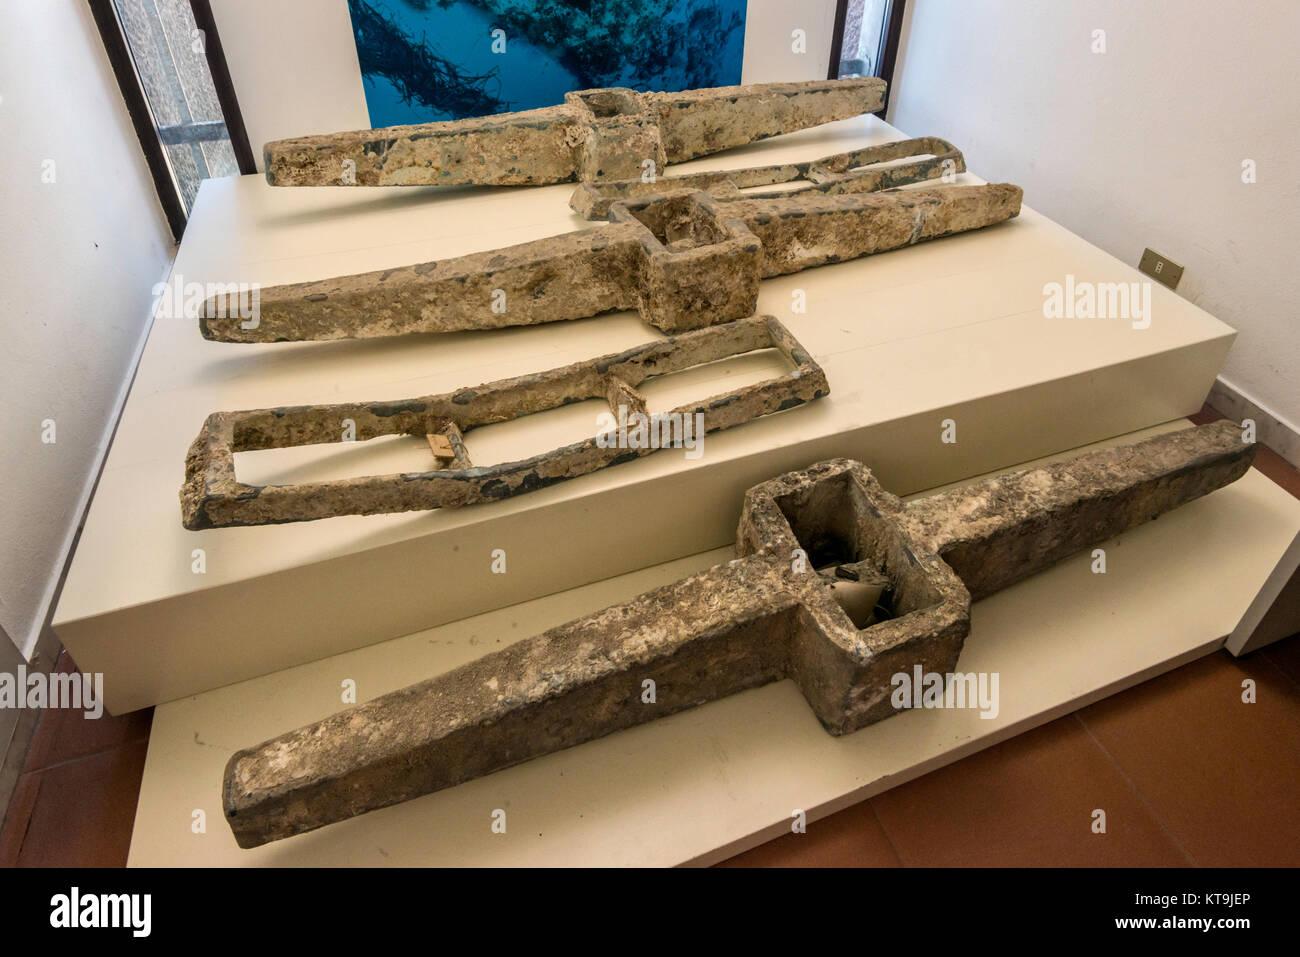 Anclas de naufragio romano en el Museo Civico, Museo Cívico Arqueológico En Cabras, provincia de Oristano (Cerdeña, Italia) Foto de stock